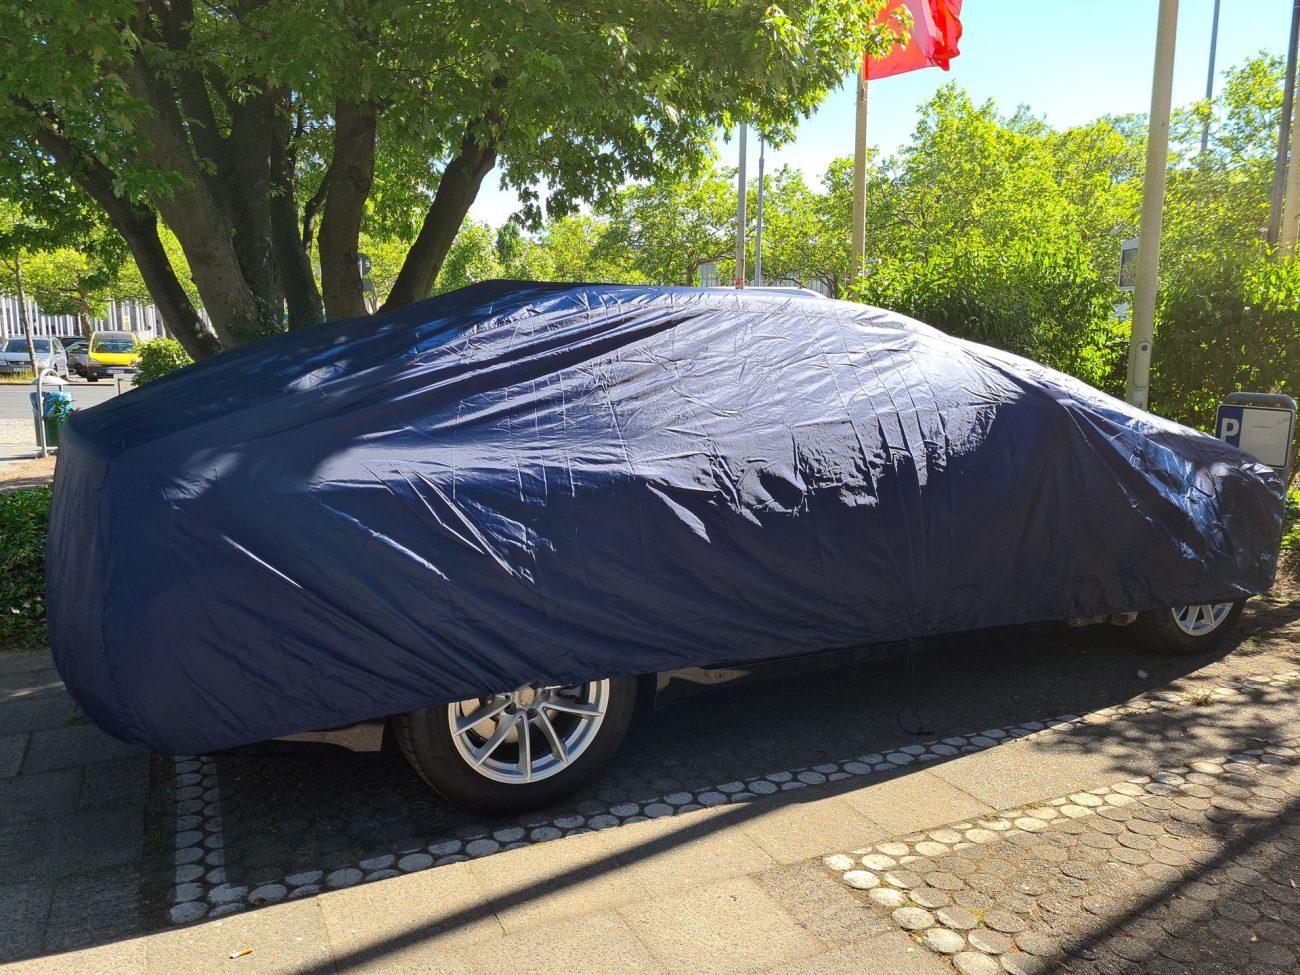 Saleté sur carrosserie voiture